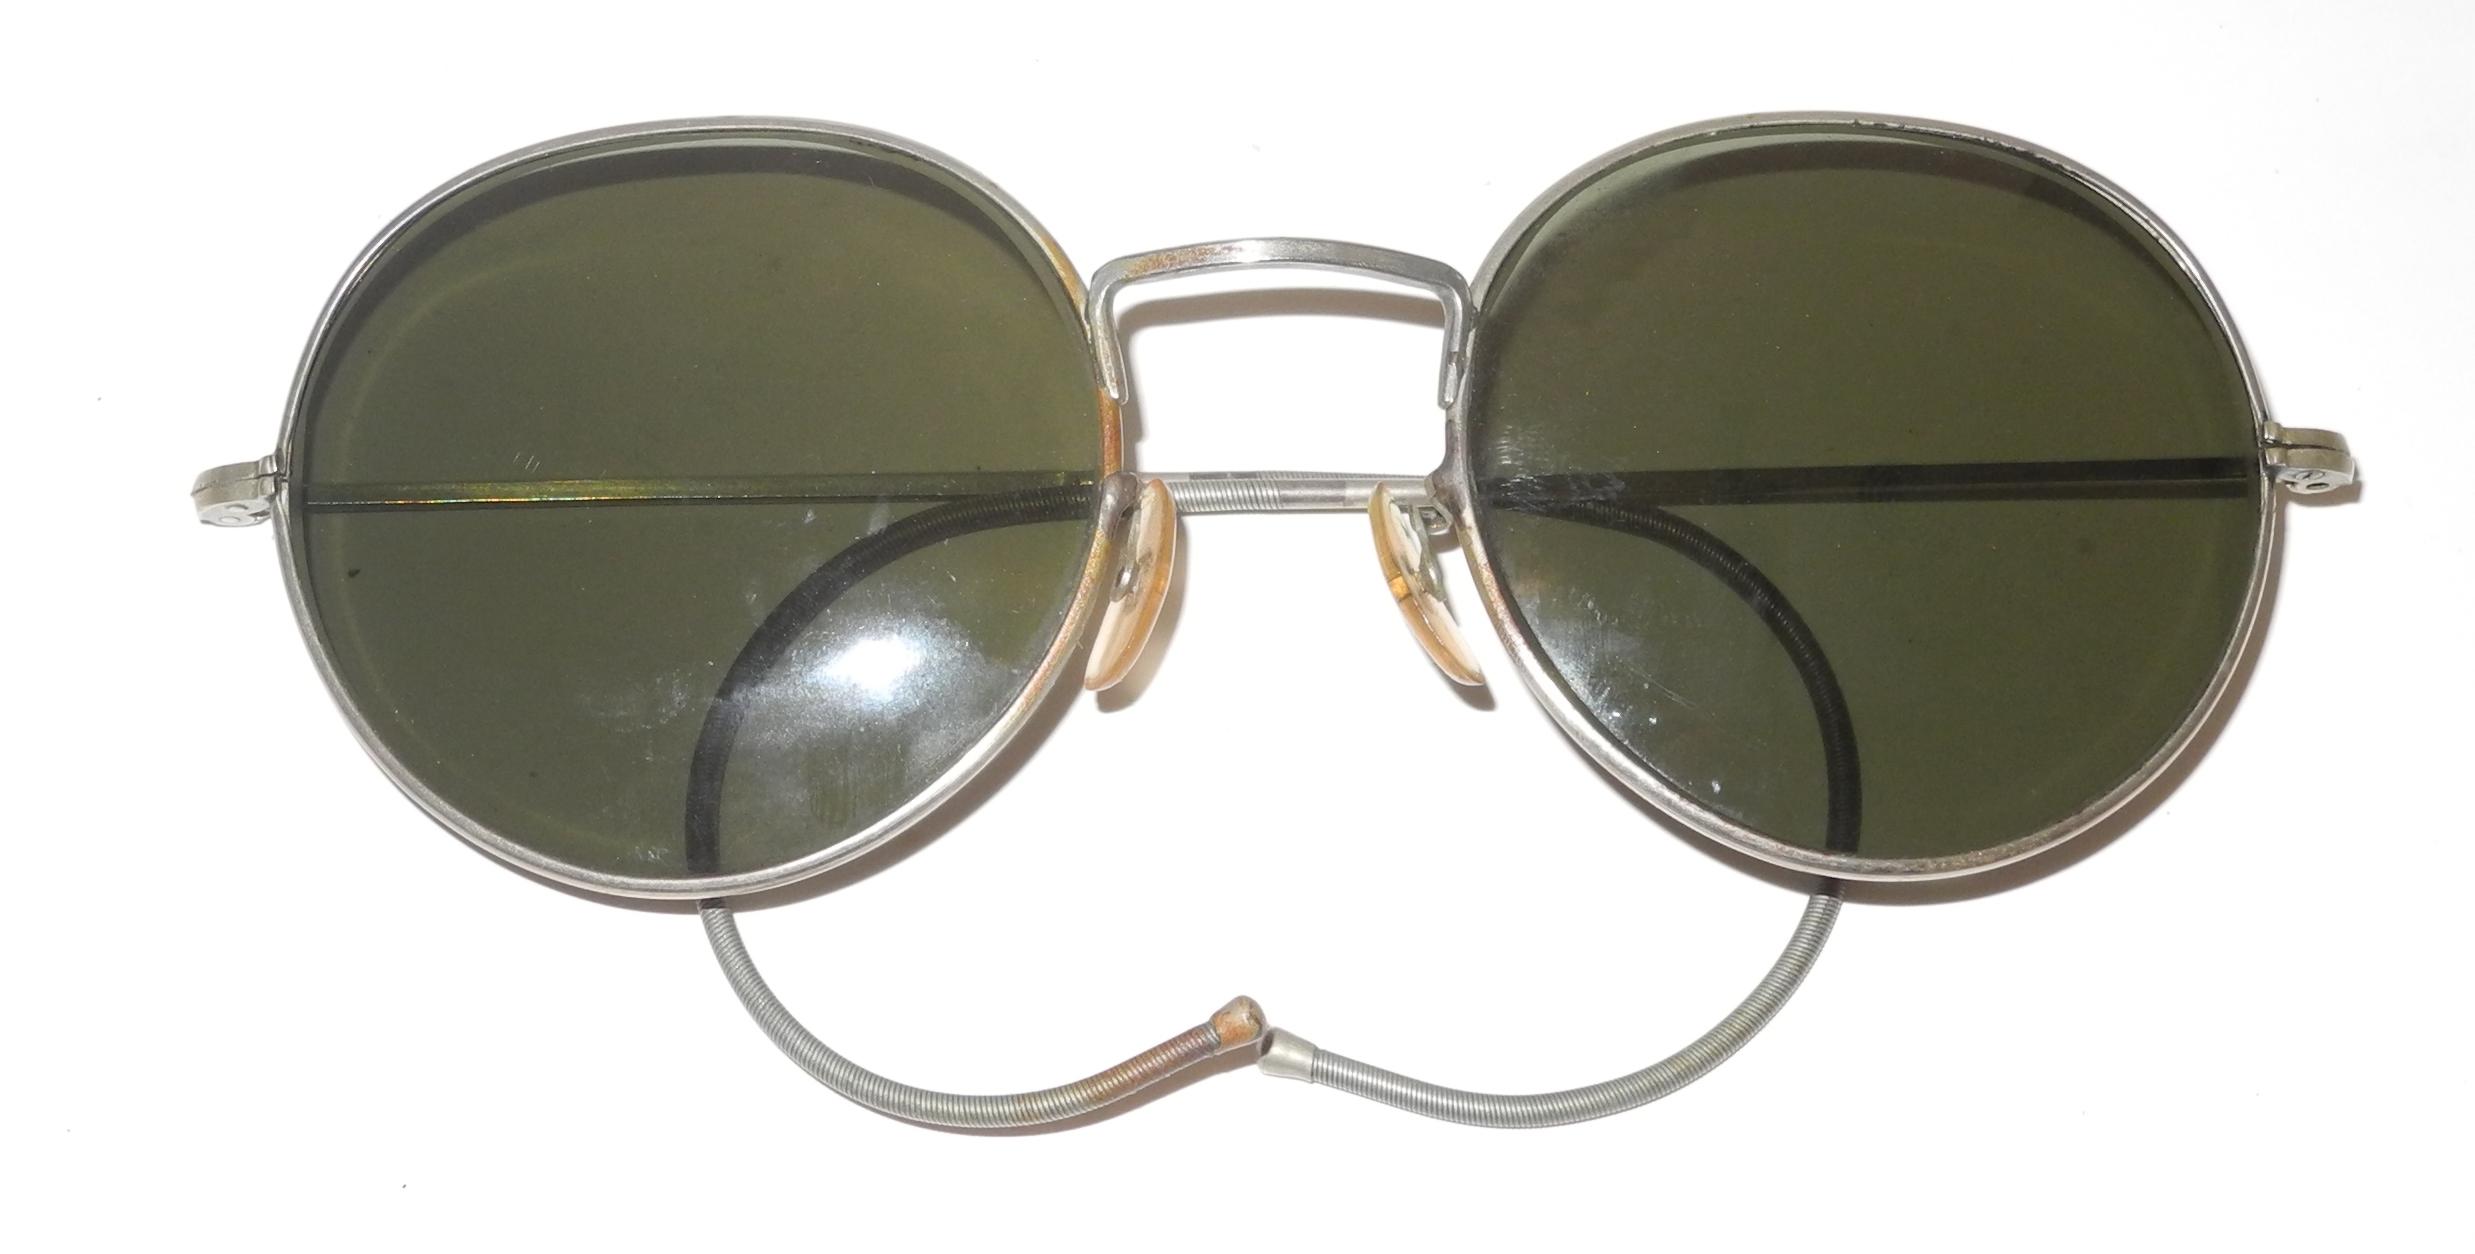 RAF MK VIIIA Spectacles anti-glare